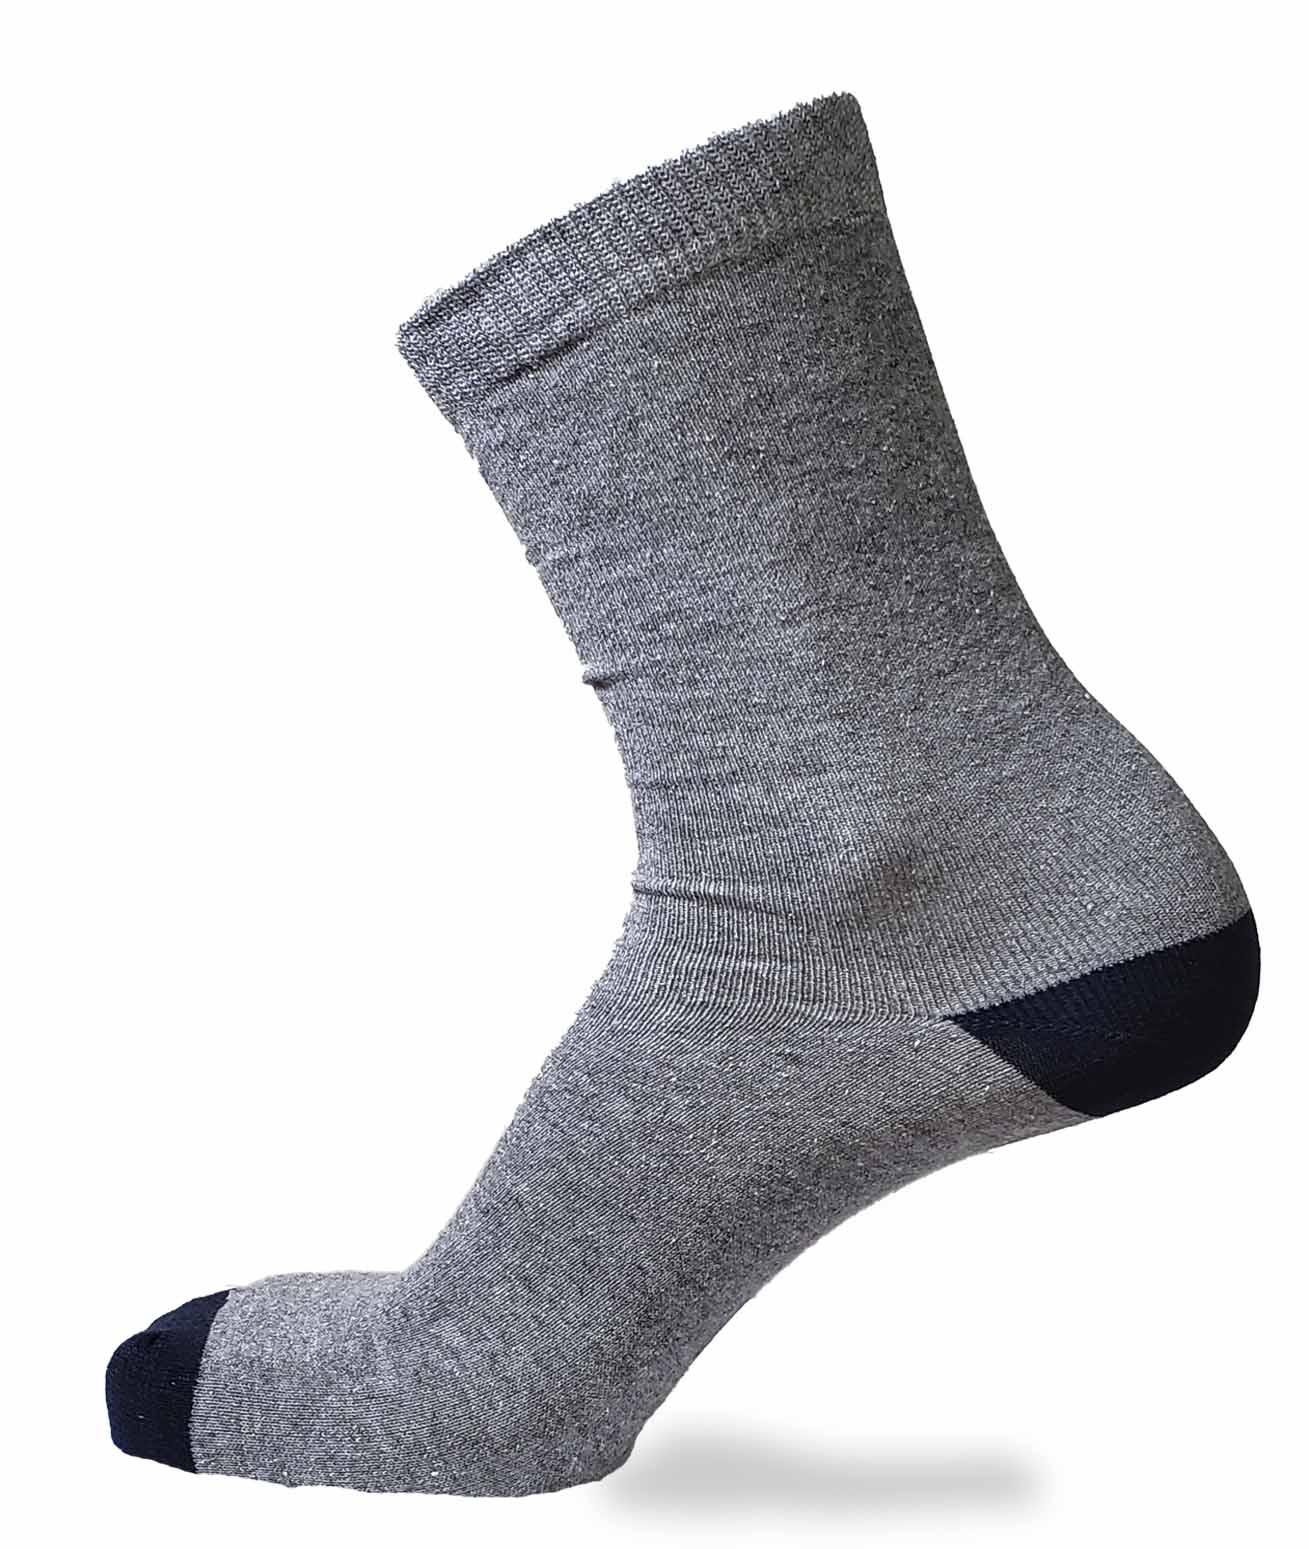 MEIA FOOTLOOK CASUAL MESCLA 39/43